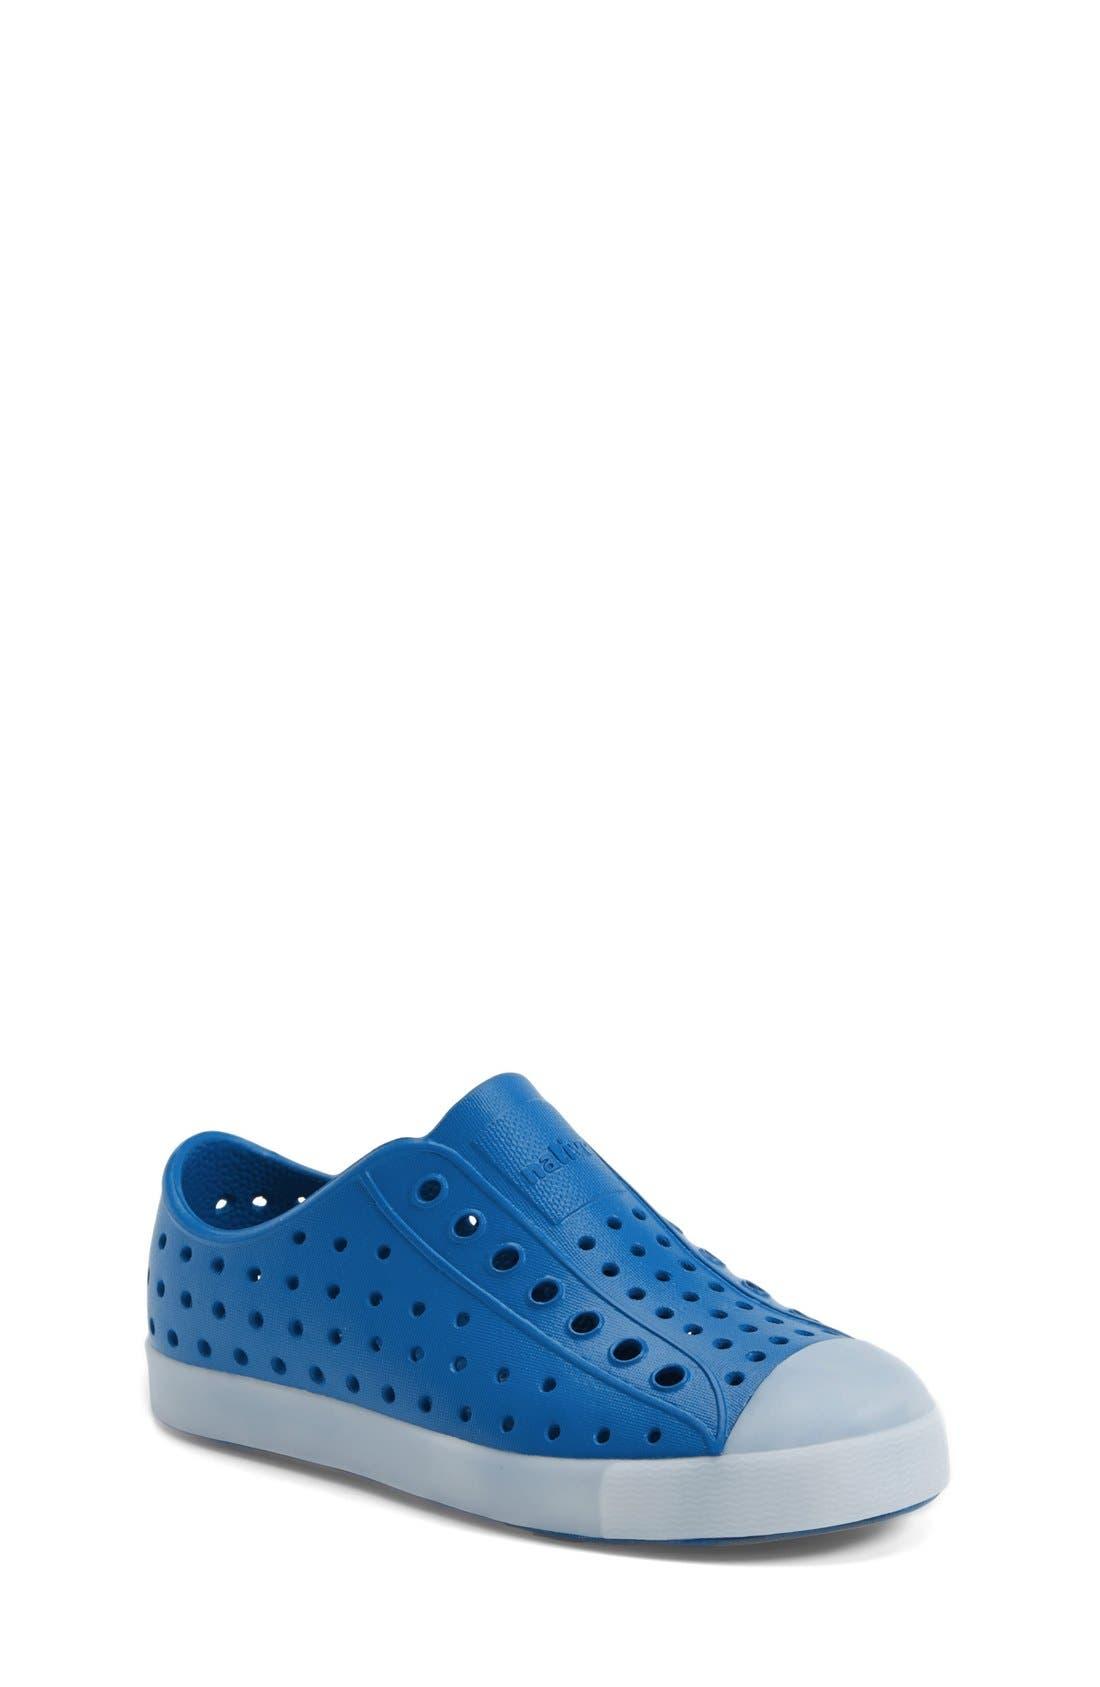 Main Image - Native Shoes Jefferson - Glow in the Dark Sneaker (Walker, Toddler & Little Kid)